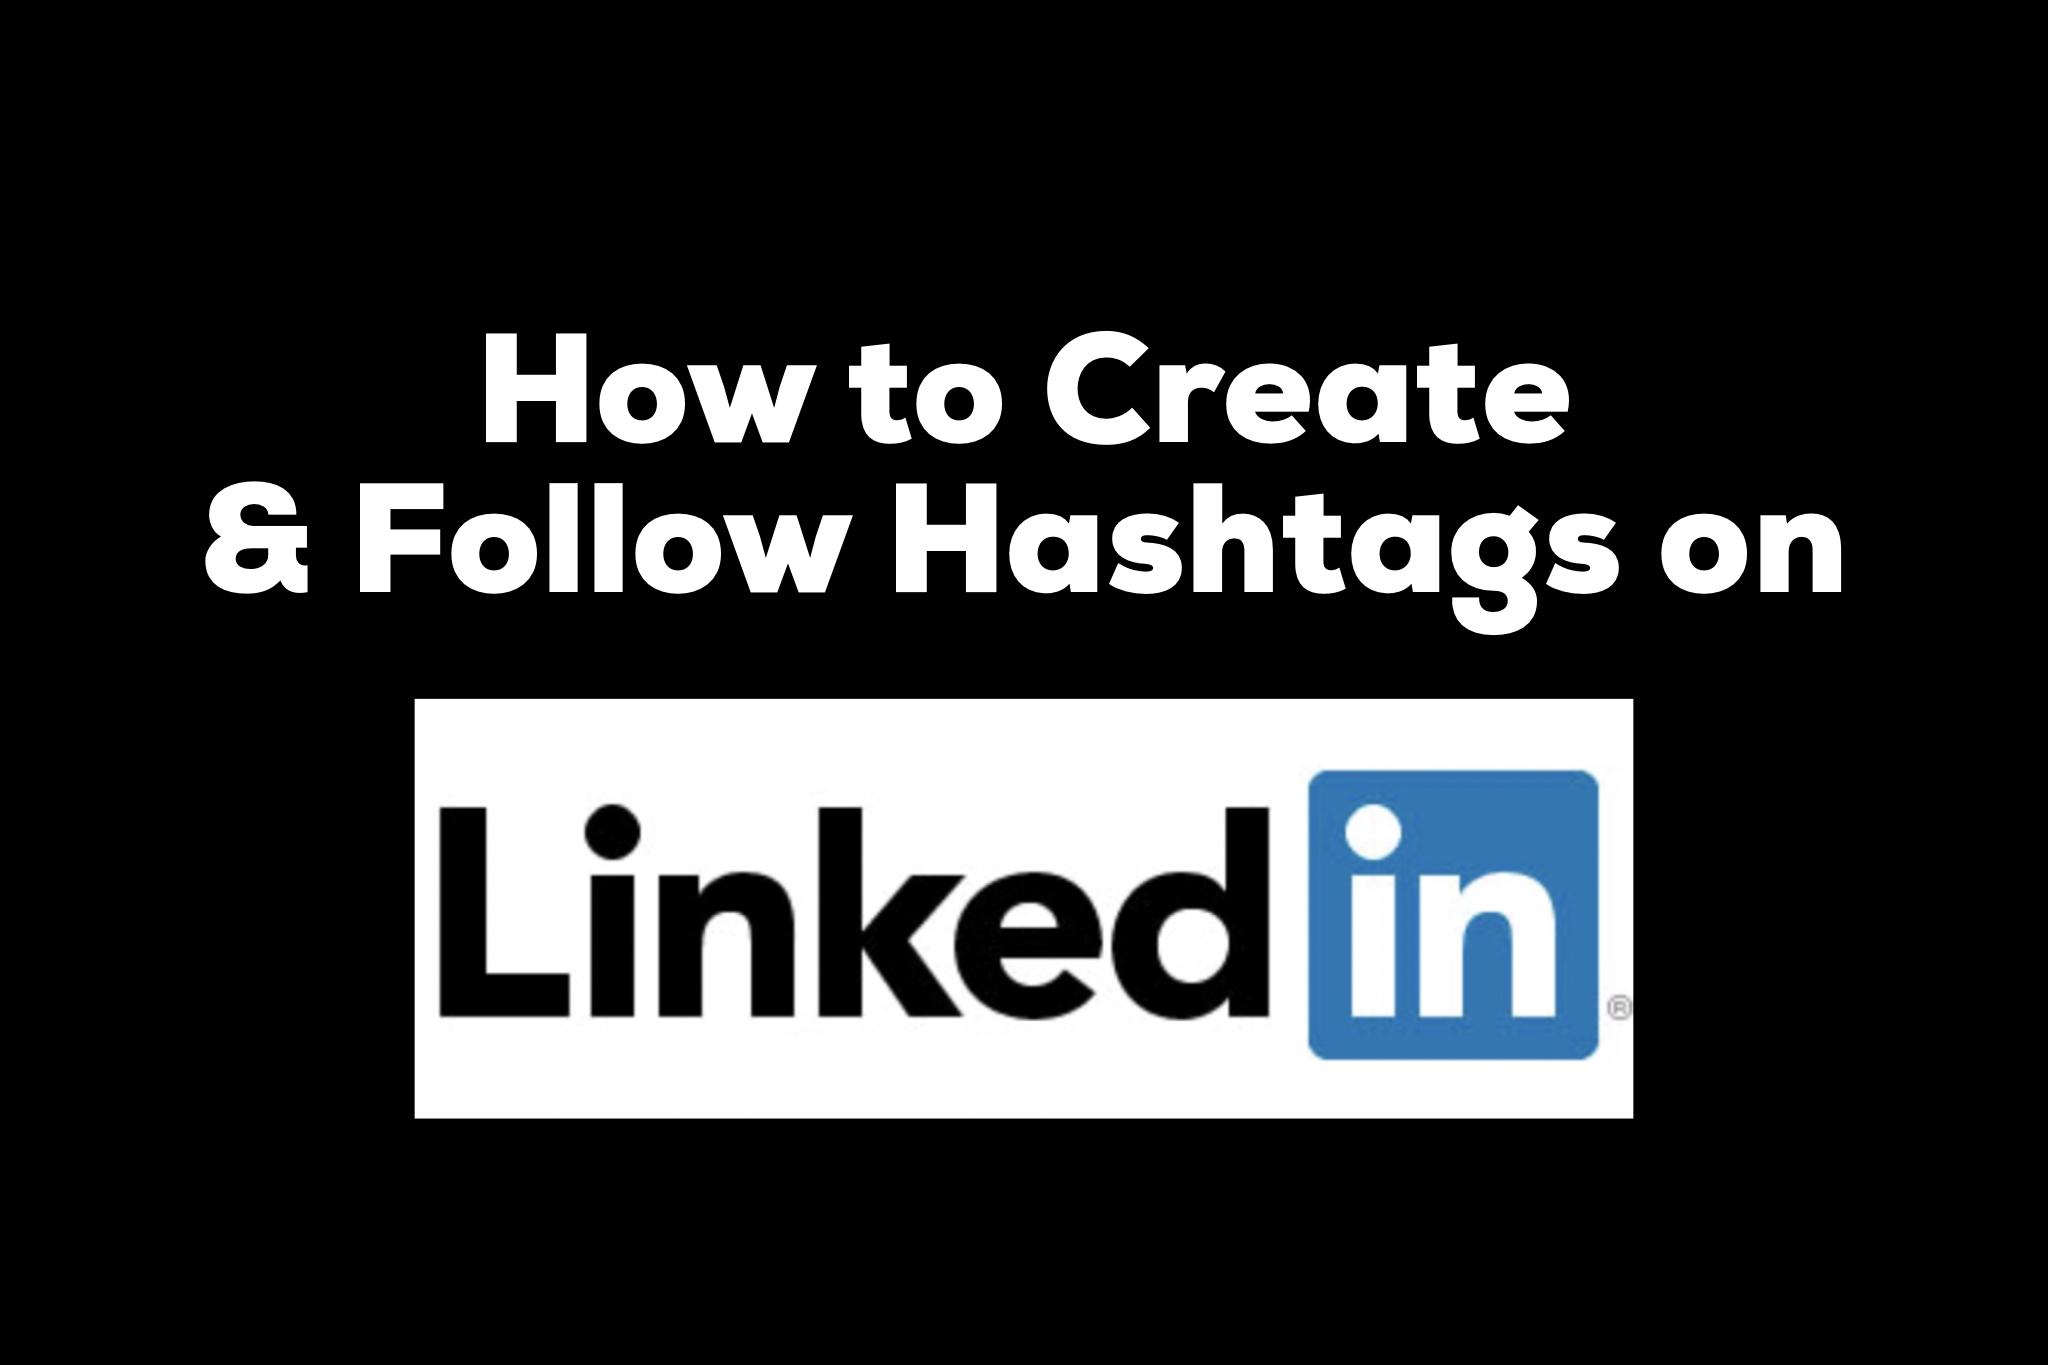 How to Create & Follow Hashtags on LinkedIn